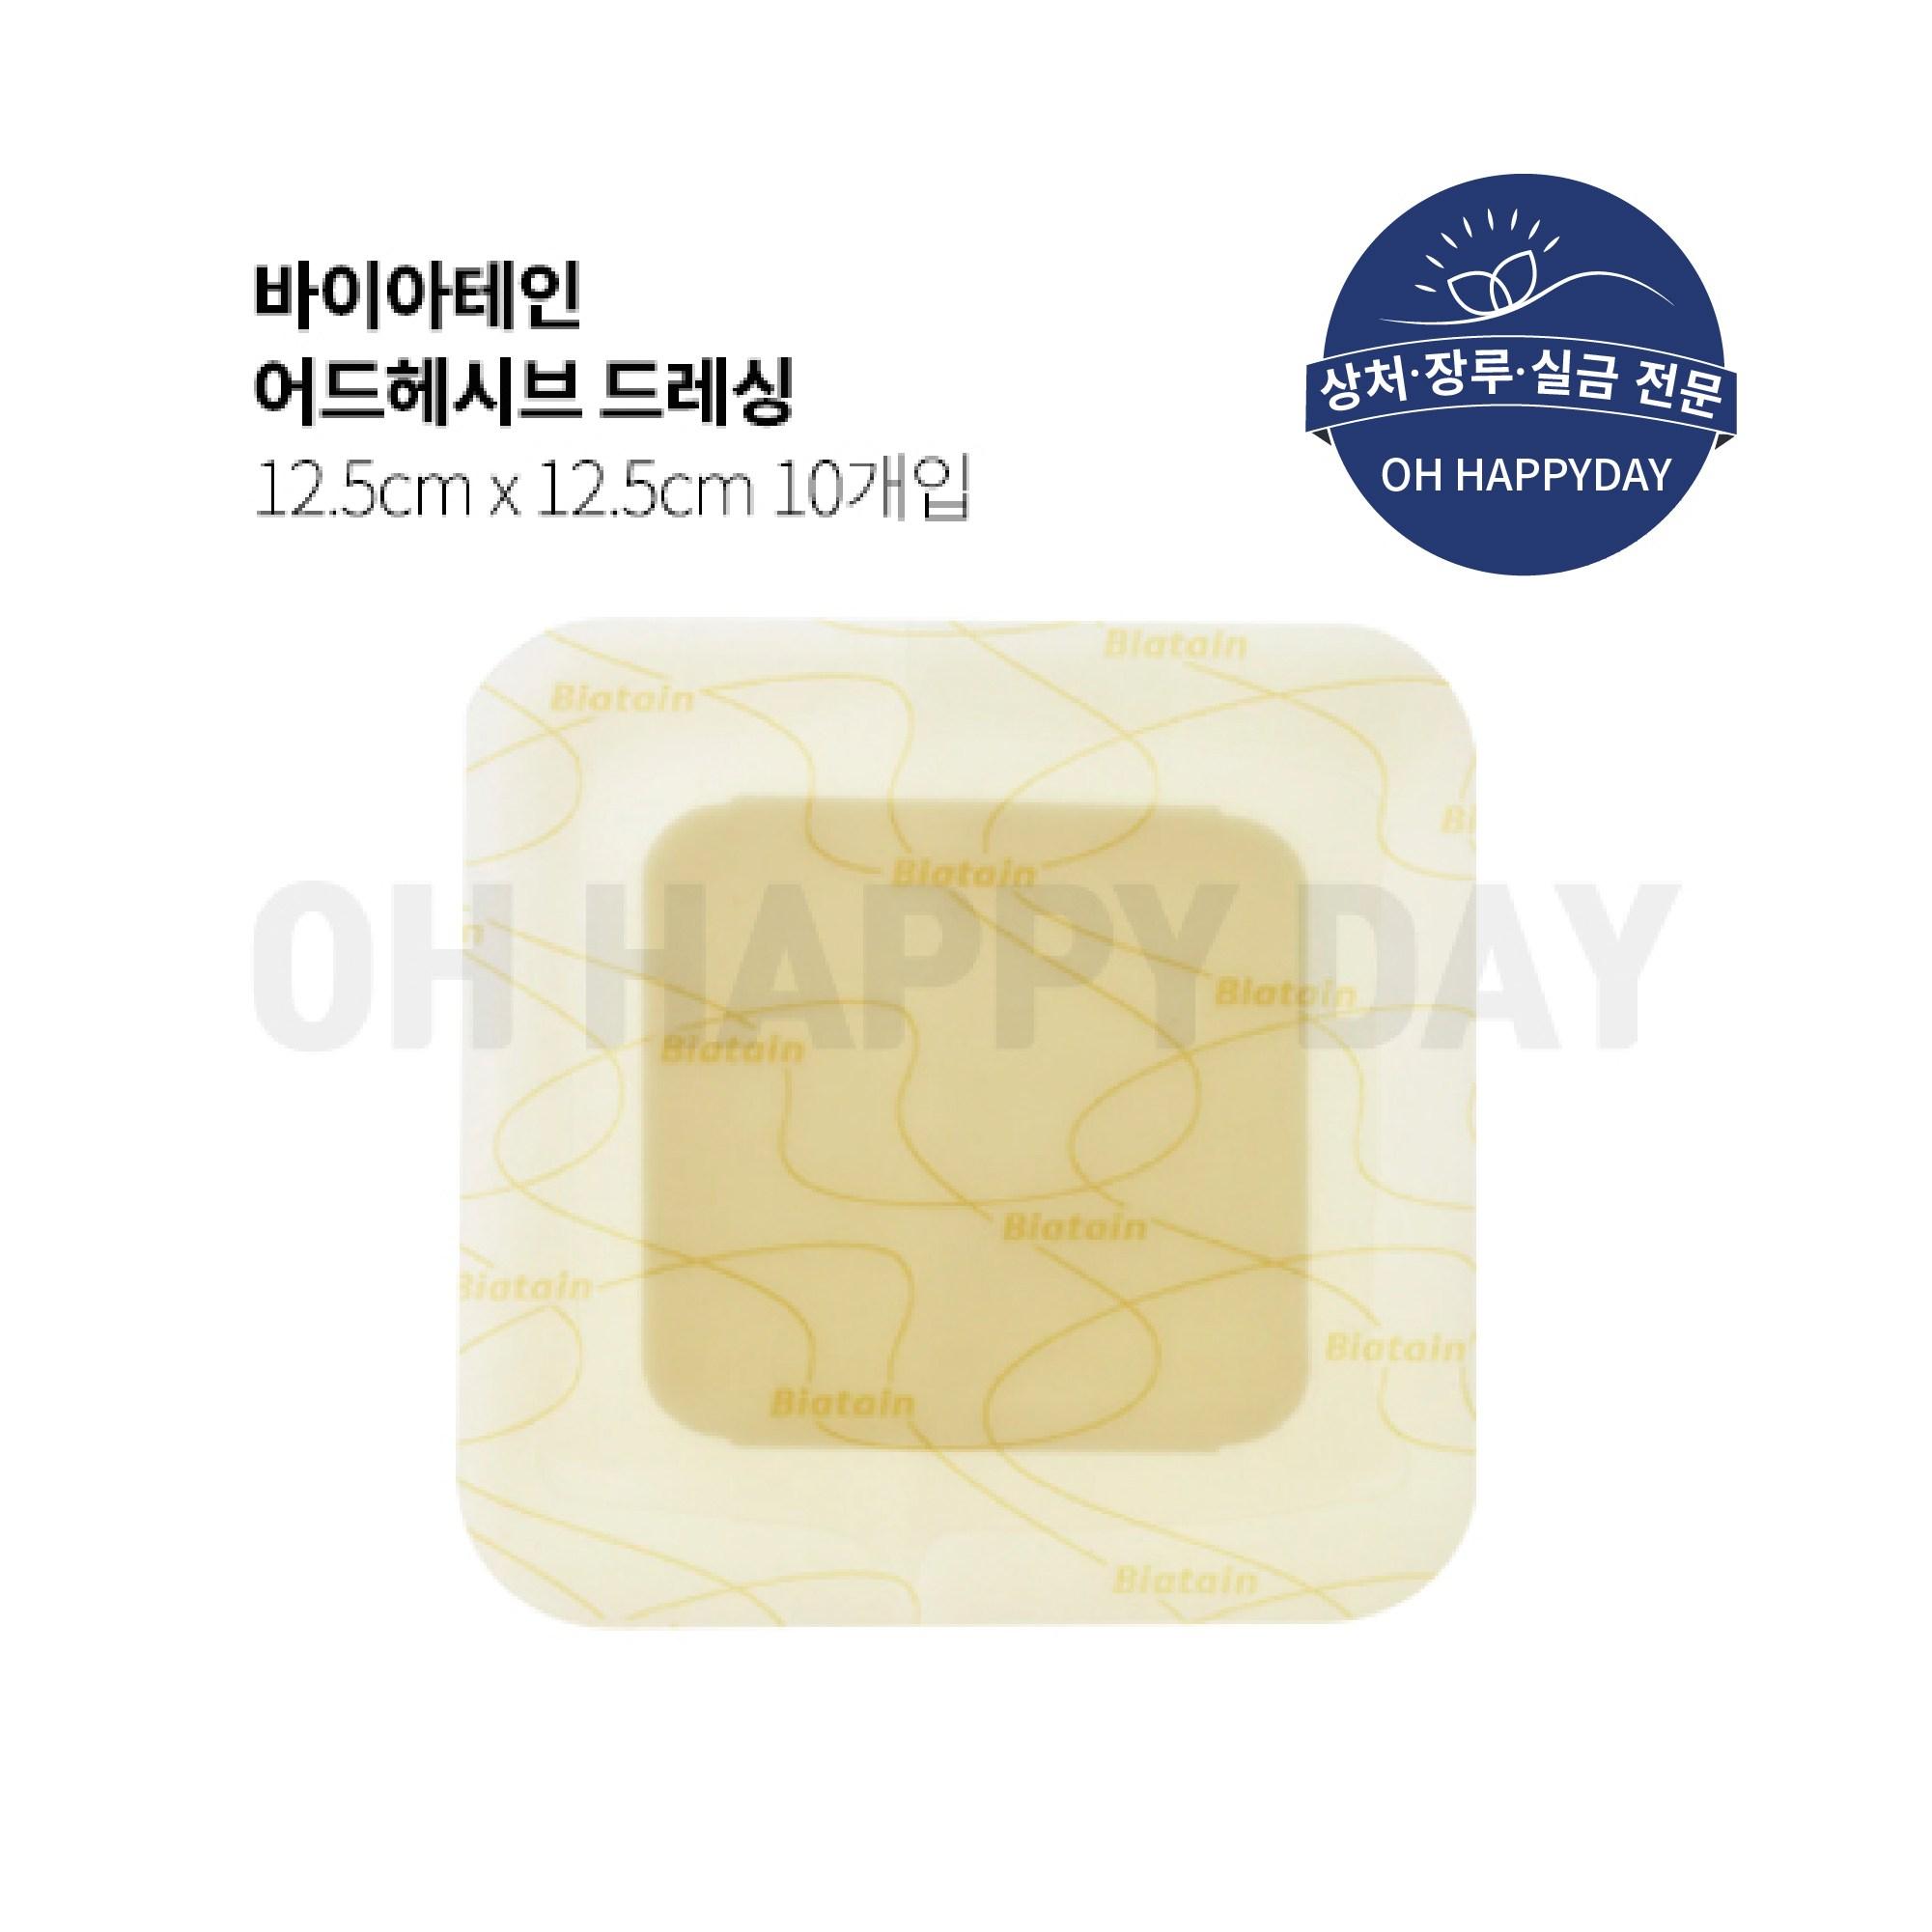 콜로플라스트 바이아테인 어드헤시브 접착력 드레싱 3420 12.5x12.5cm 10매 욕창드레싱 Biatain Adhesive (POP 5009468174)